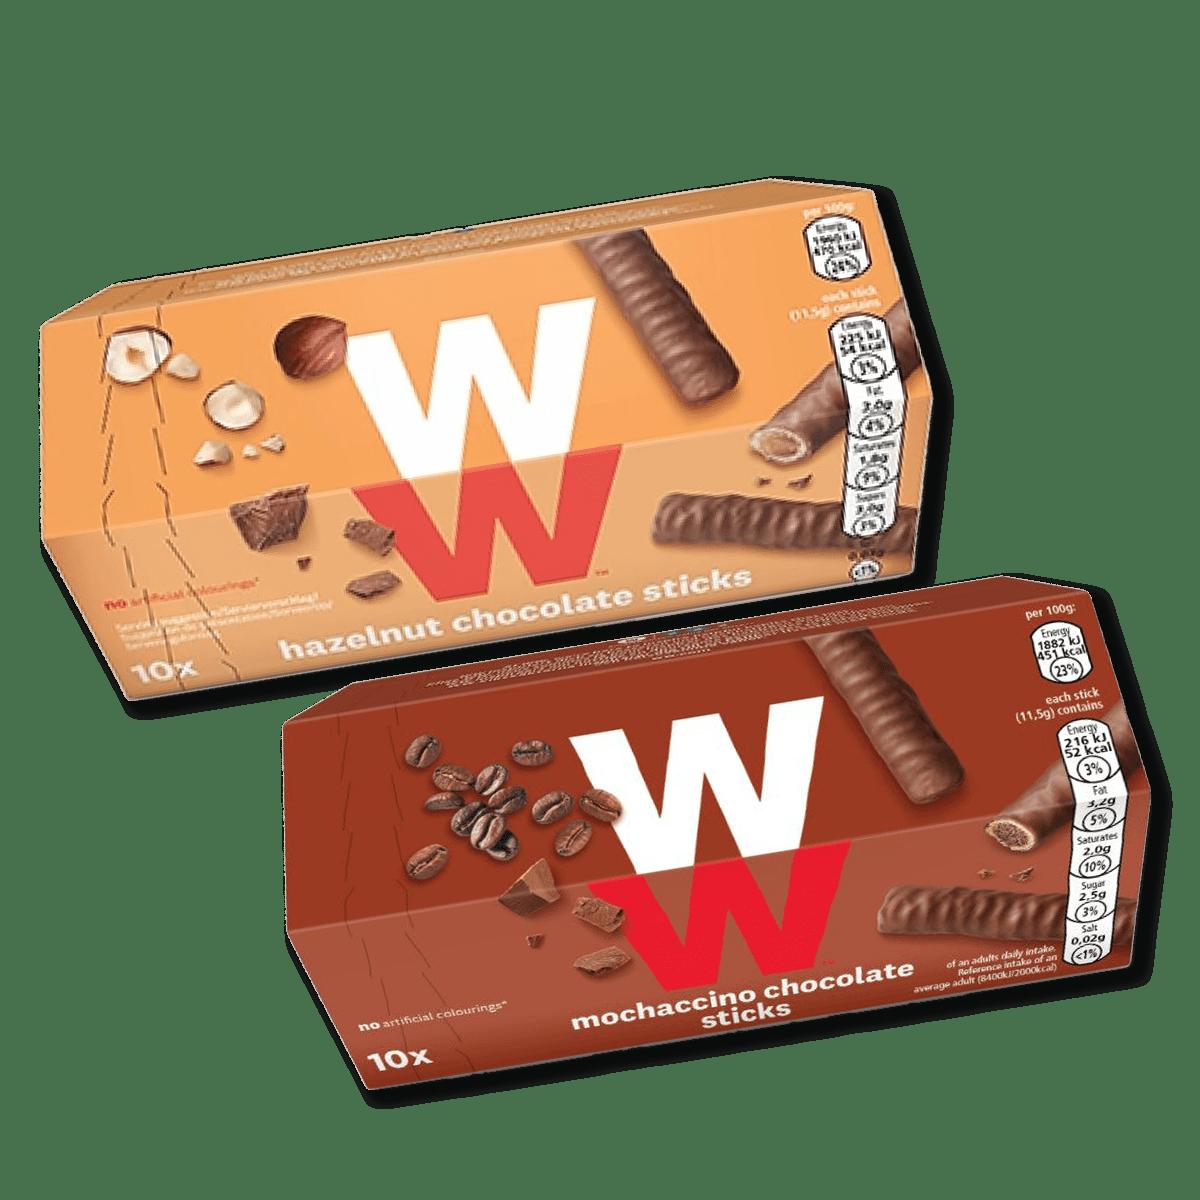 WW Haselnuss + Mocchaccino Sticks, Vorderseite der Produktverpackungen in rot und orange mit WW Logo in weiß